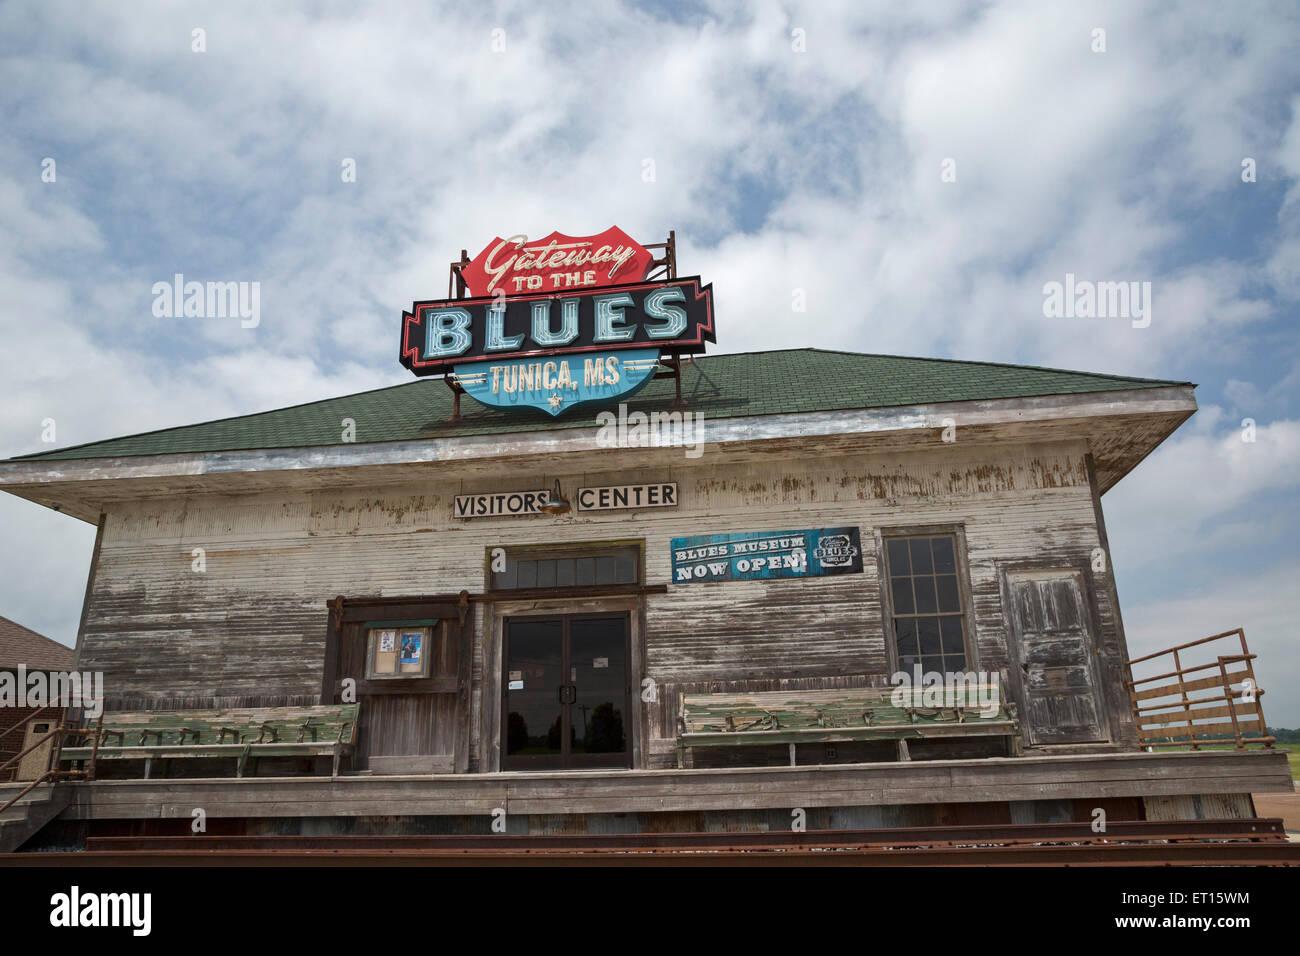 Tunica, Mississippi - la puerta de entrada al museo del blues y el centro de visitantes. Imagen De Stock